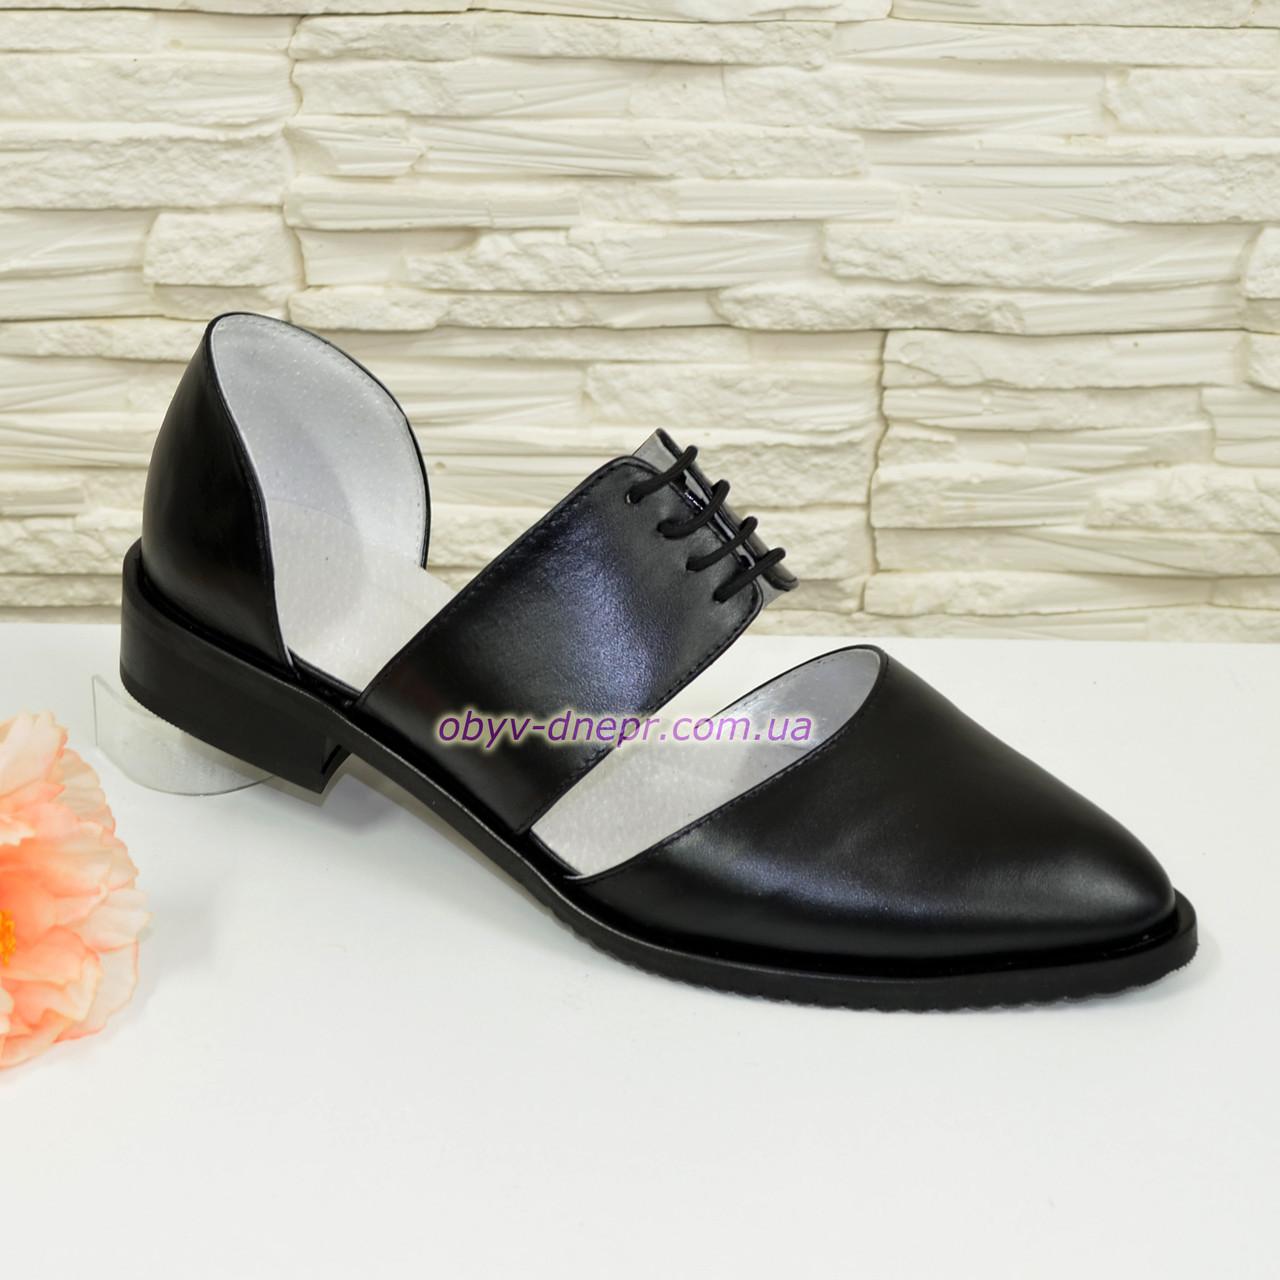 Стильные женские кожаные туфли на низком ходу